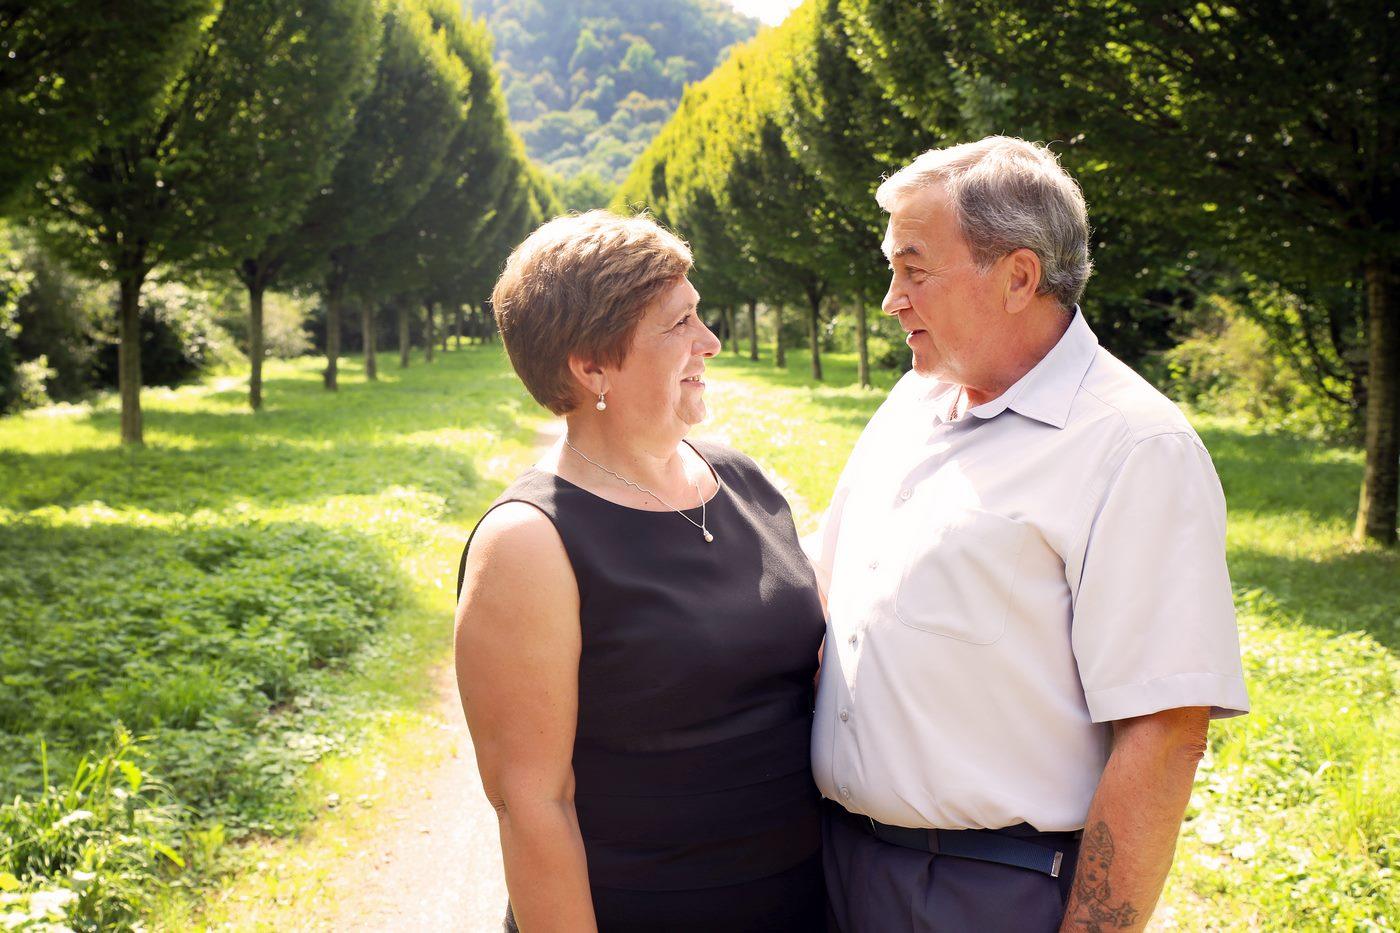 älteres Ehepaar beim Familienshooting vor Baumallee